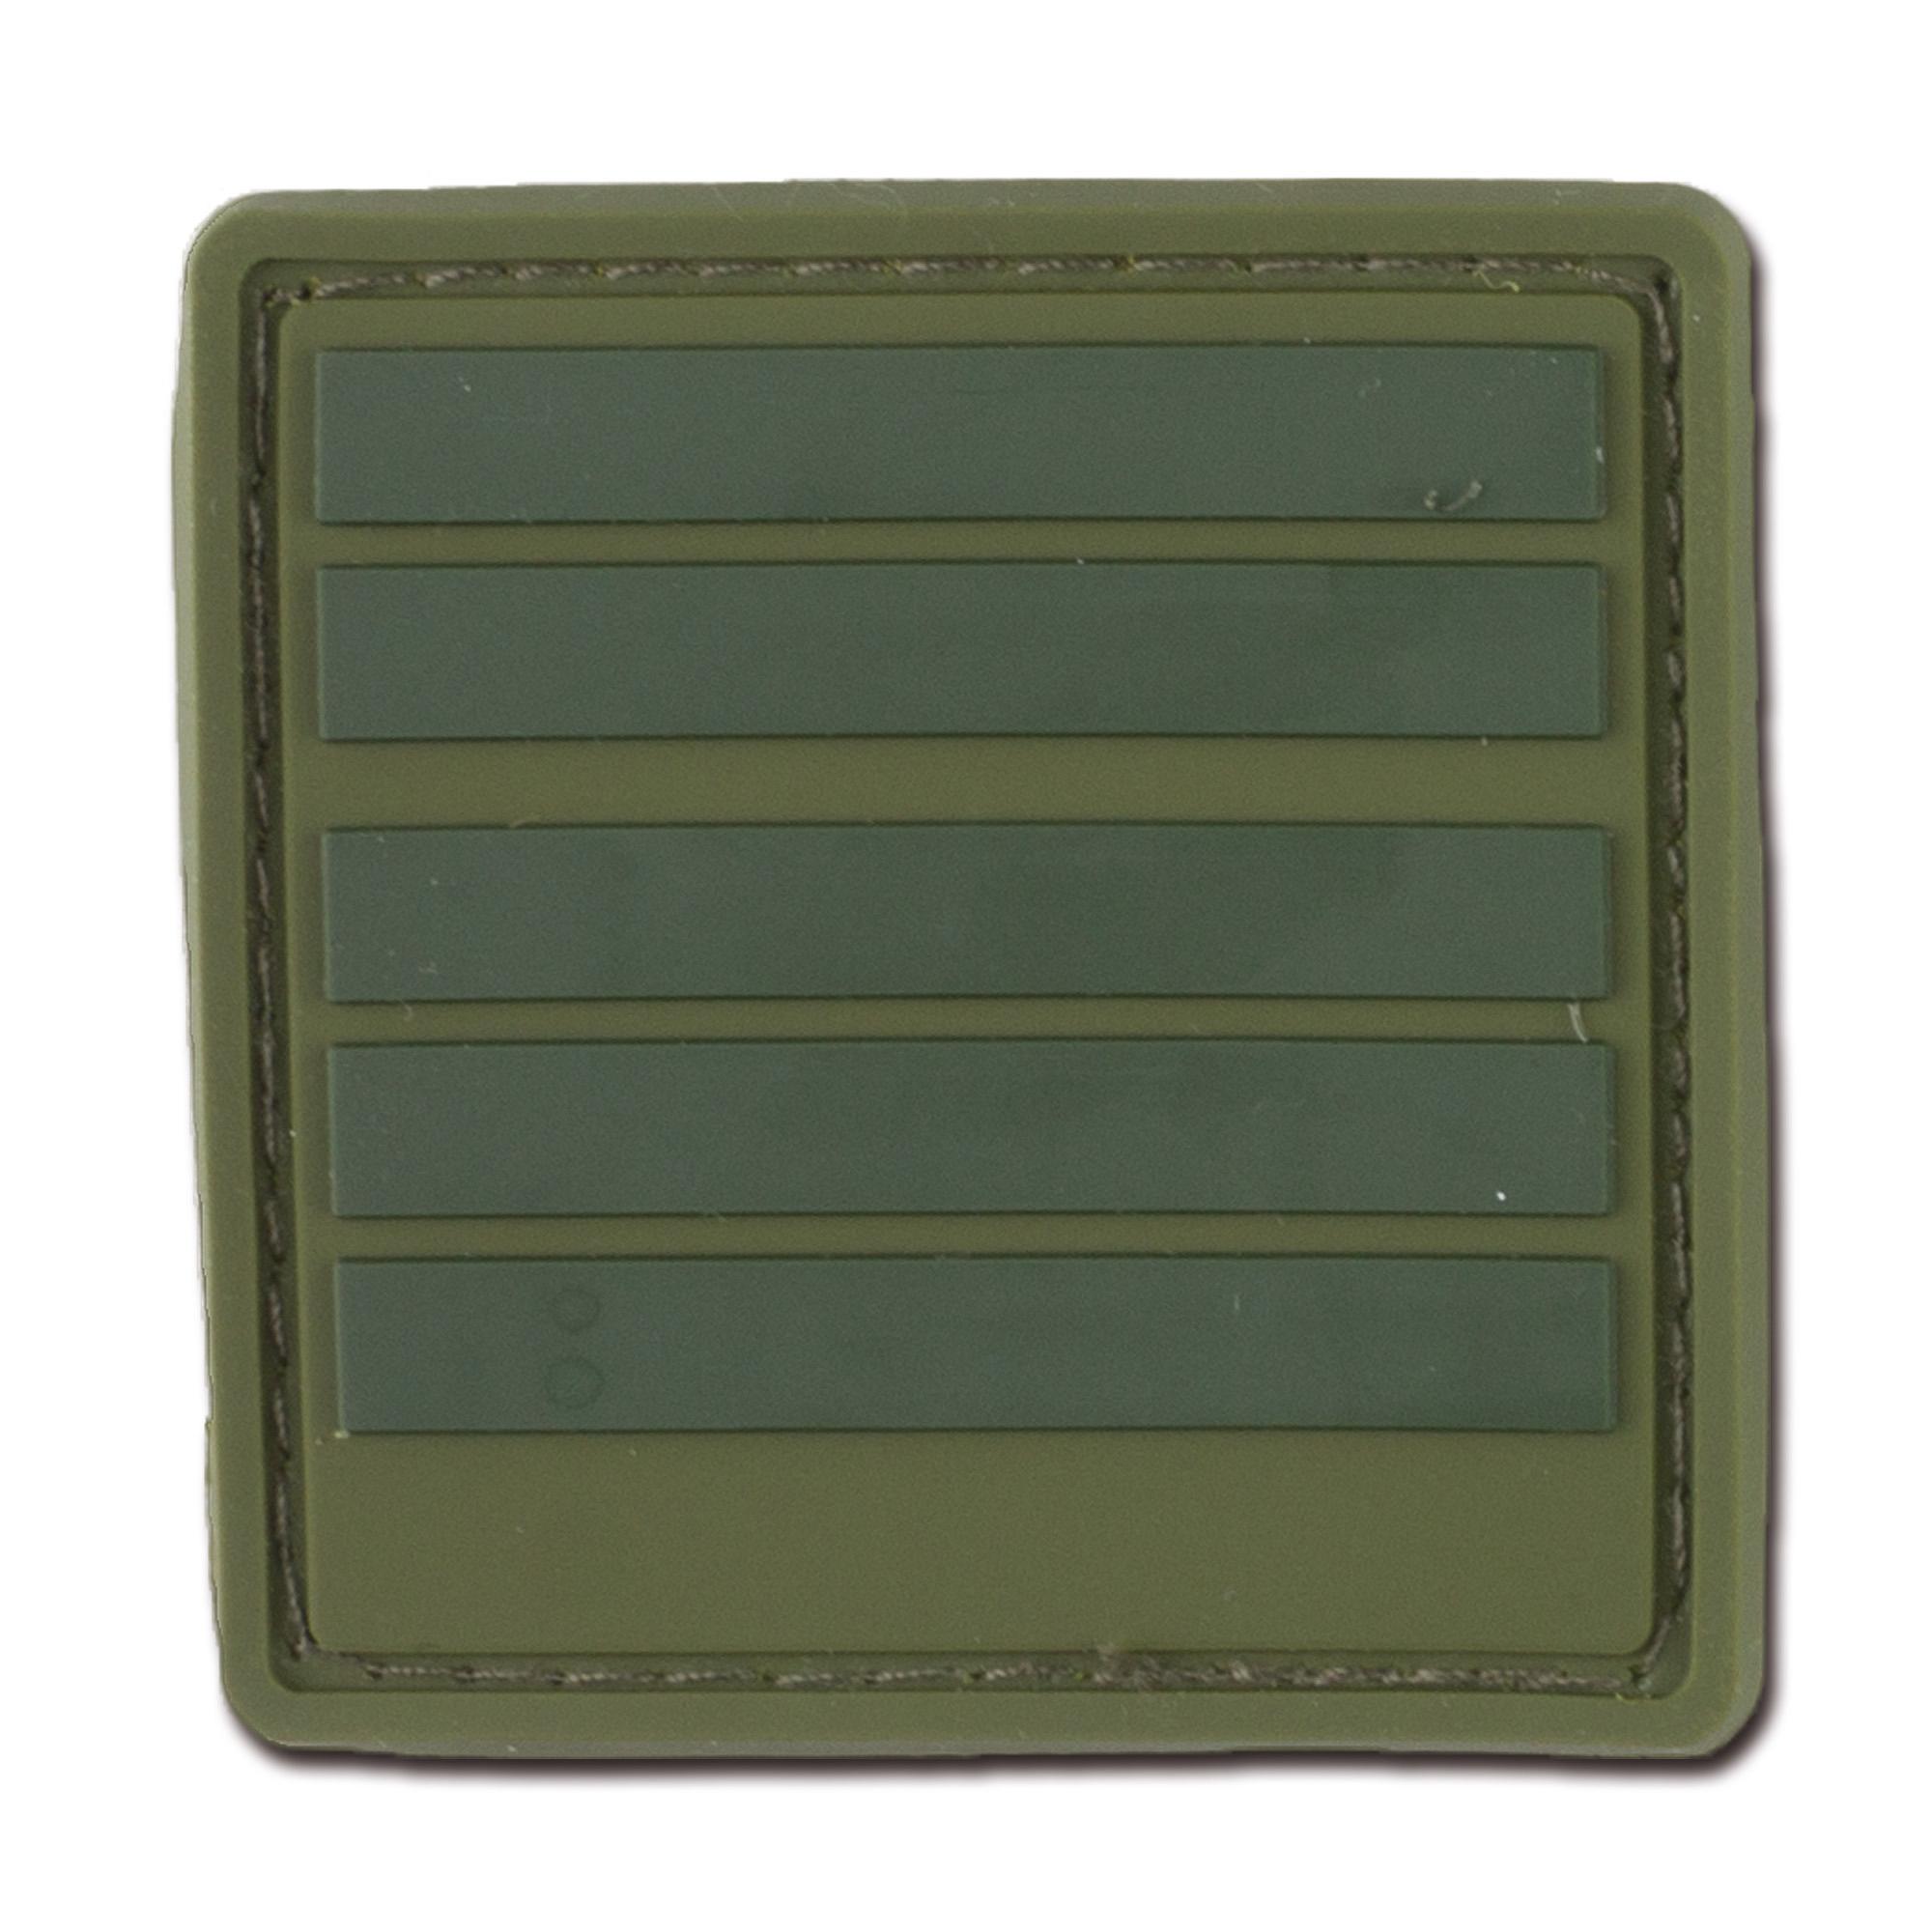 Dienstgradabzeichen Frankreich Colonel oliv tarn